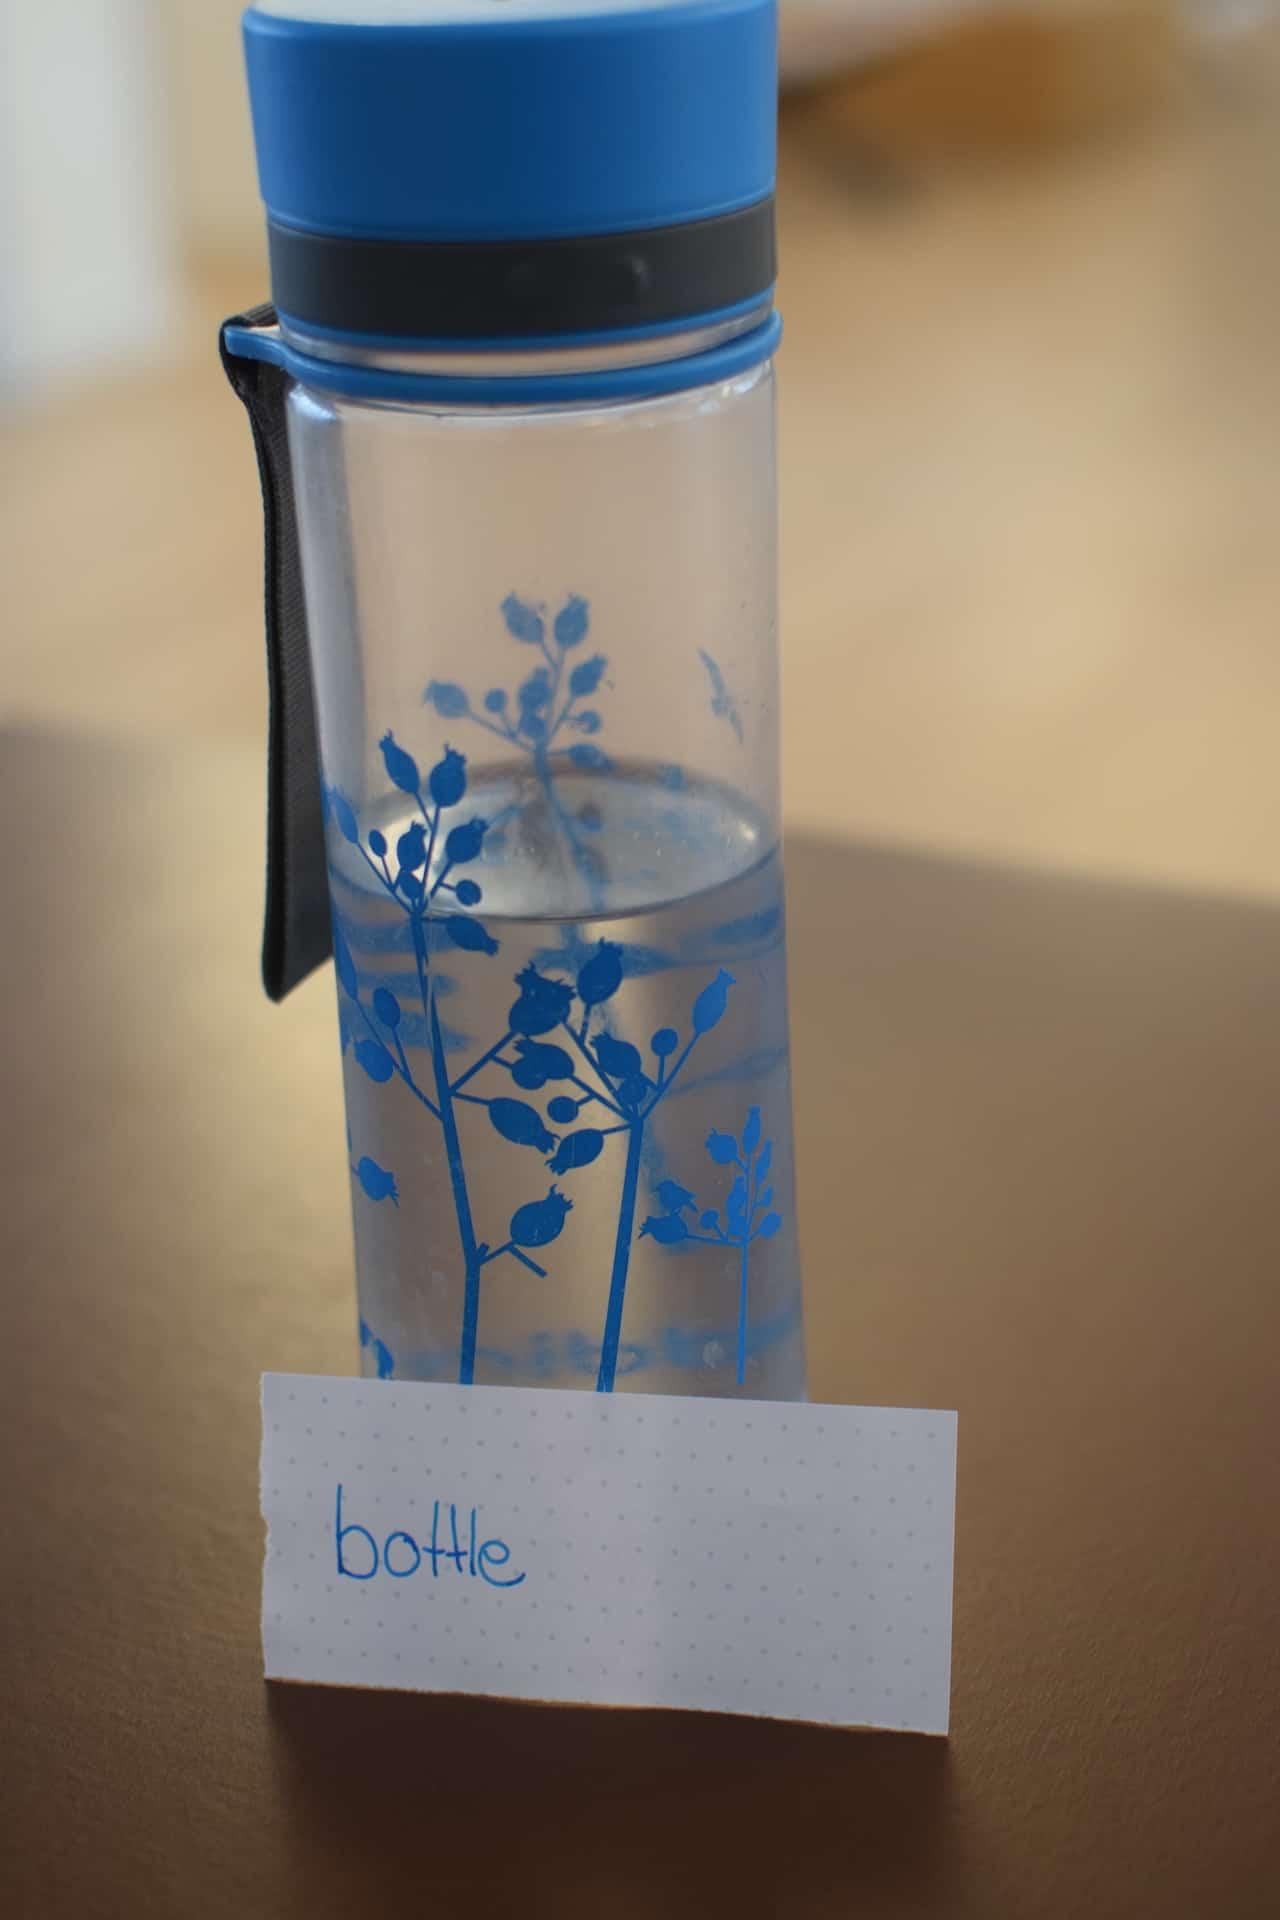 bottle heißt Flasche